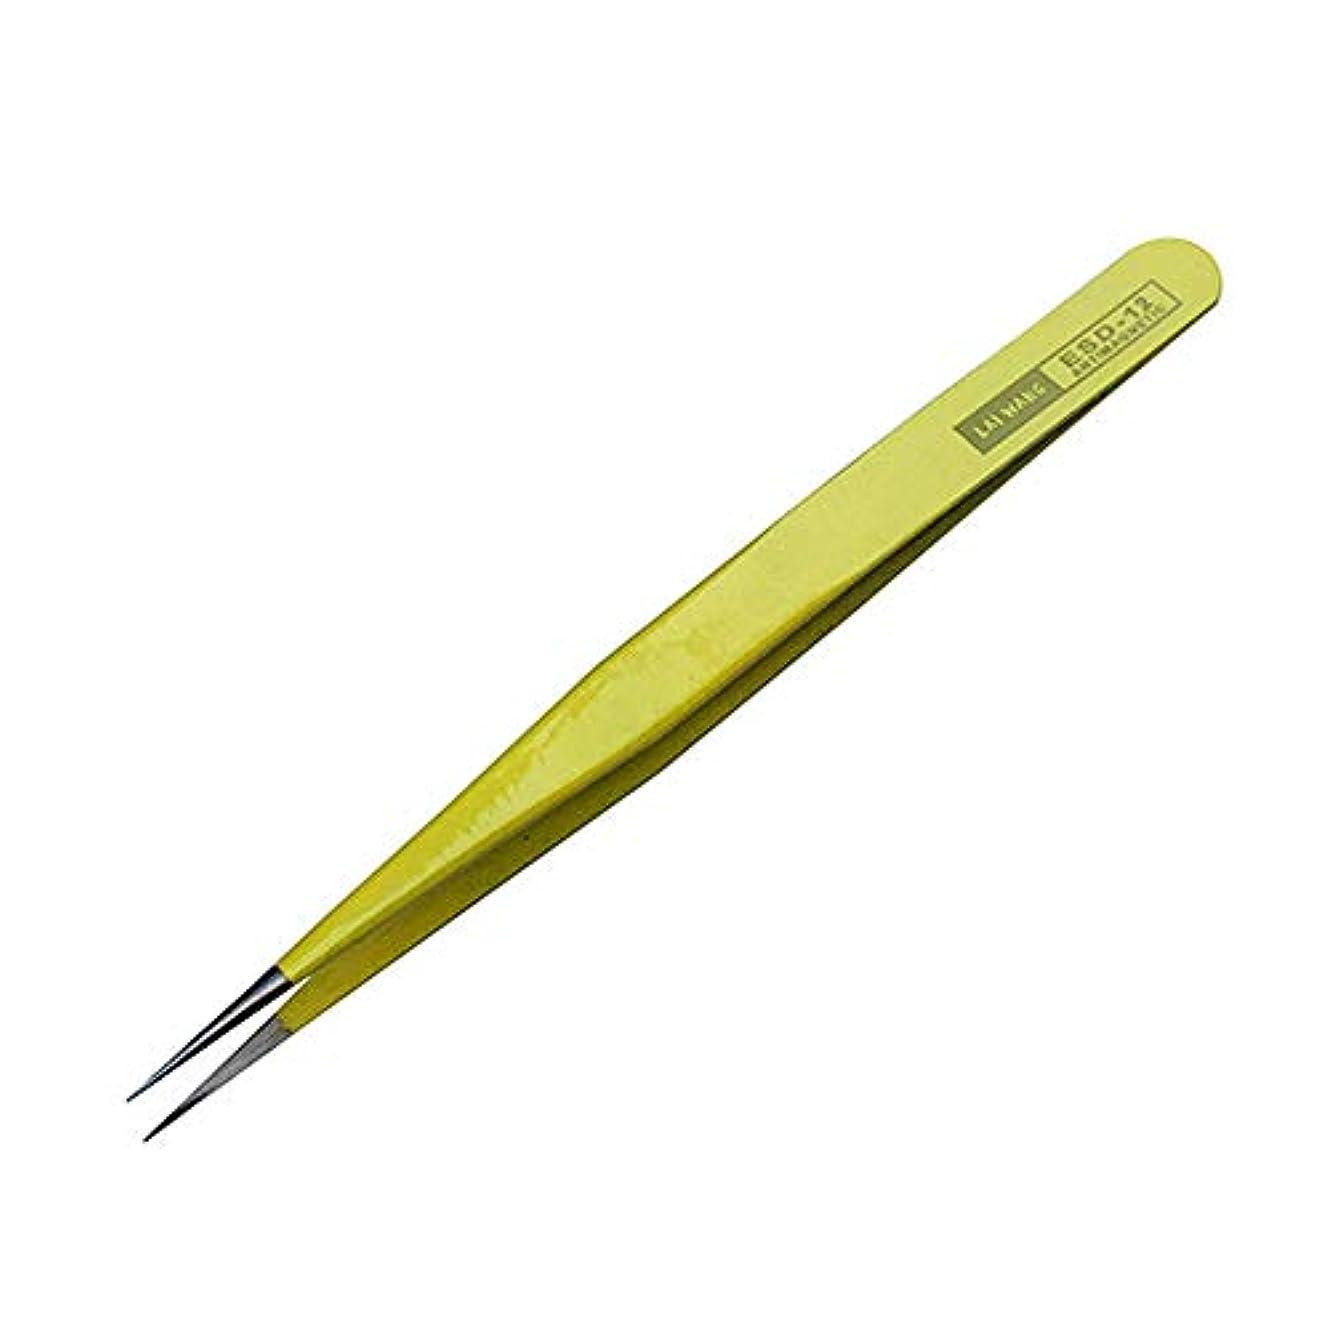 最後の食べるブラストステンレス鋼眉毛ピンセットまつげカーラークリップ摘採美容ツール